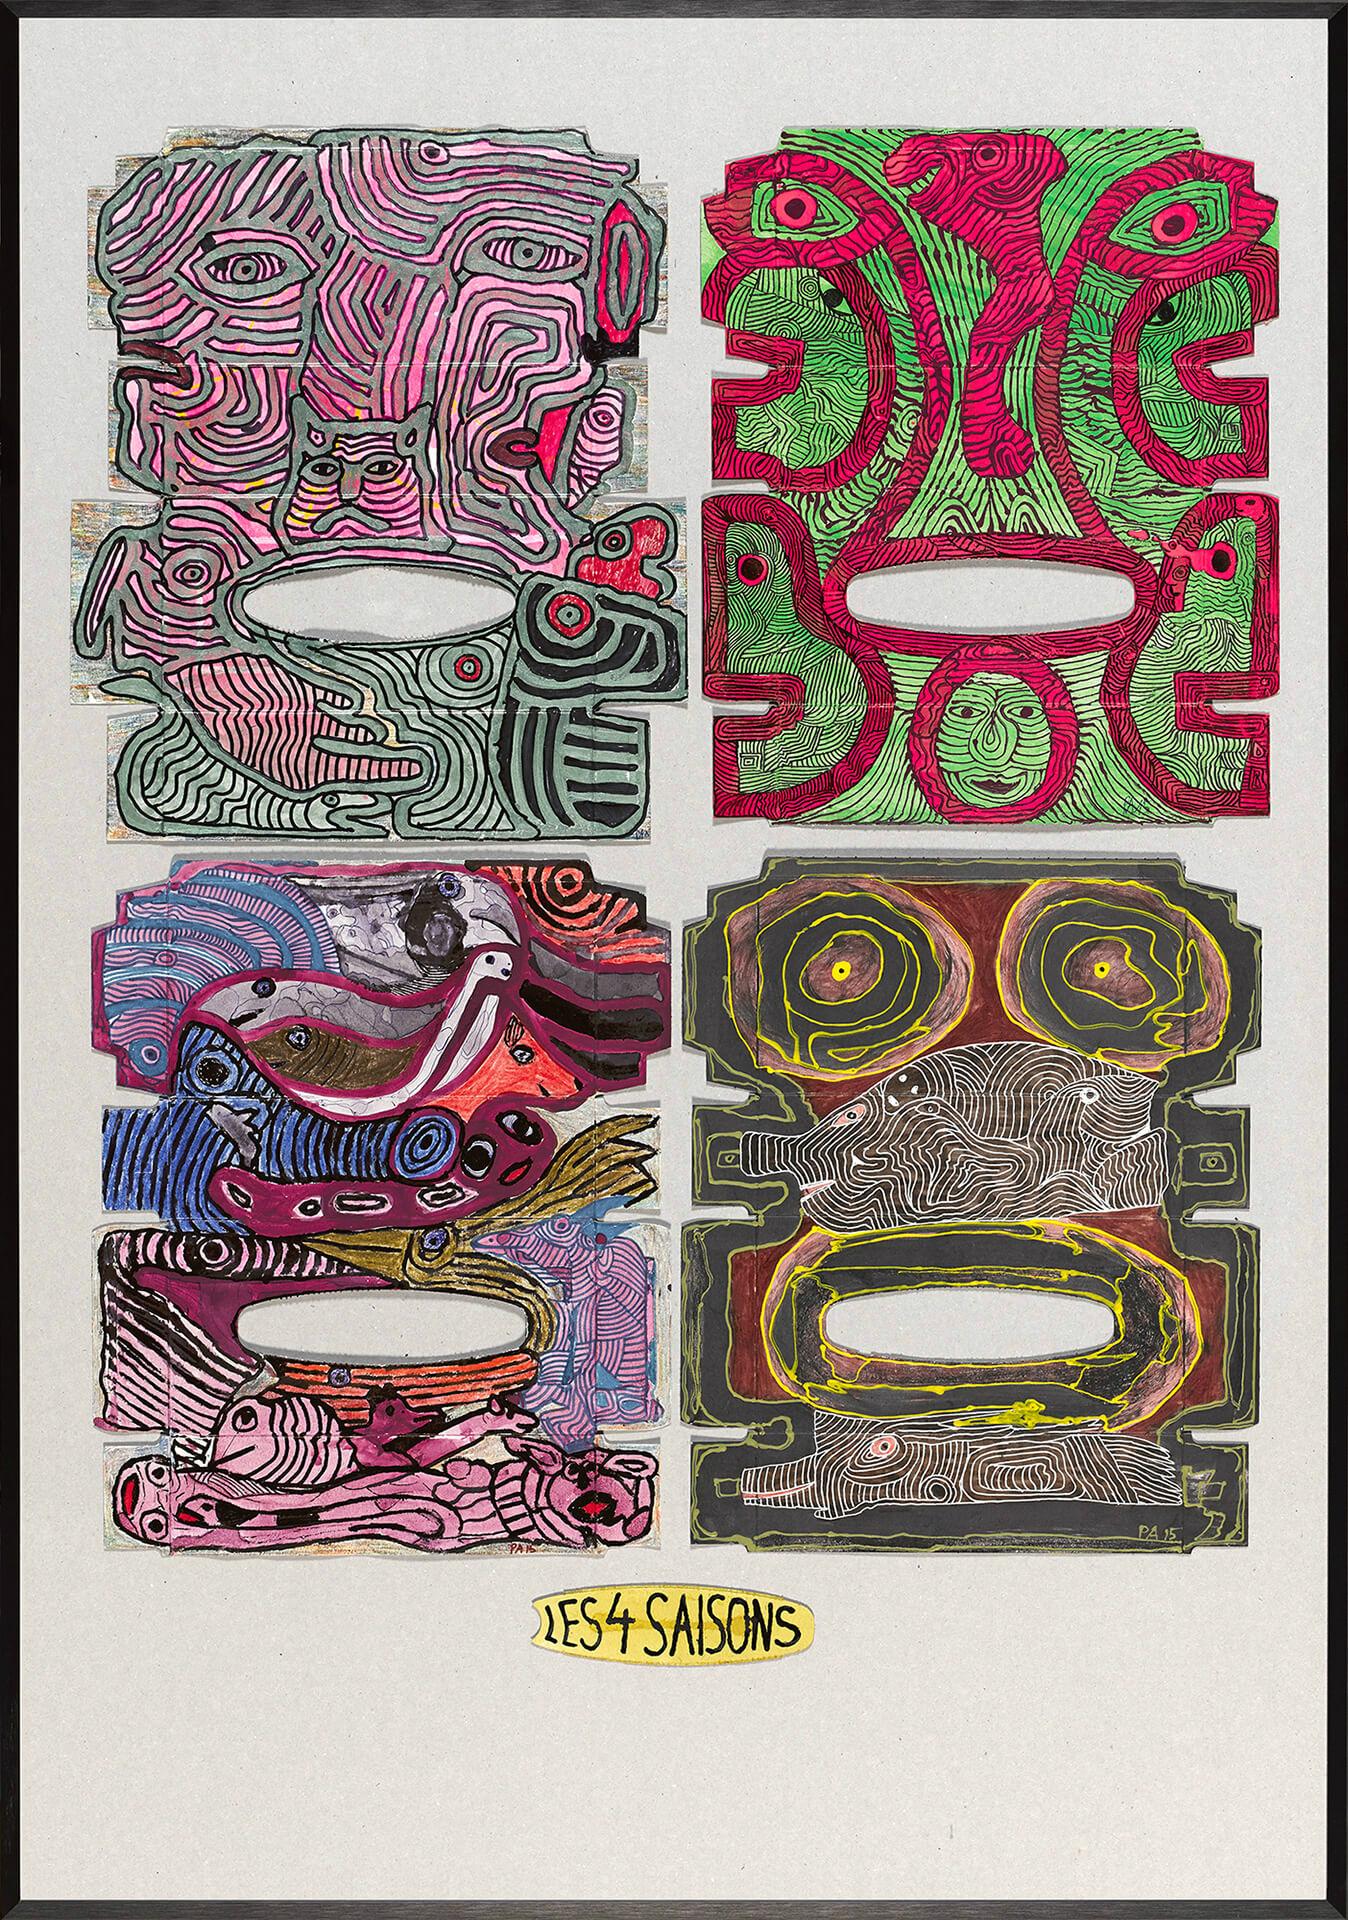 Pierre ALBASSER - Les 4 saisons - Cartons d'emballage et matériel de récupération - 70 x 100 cm